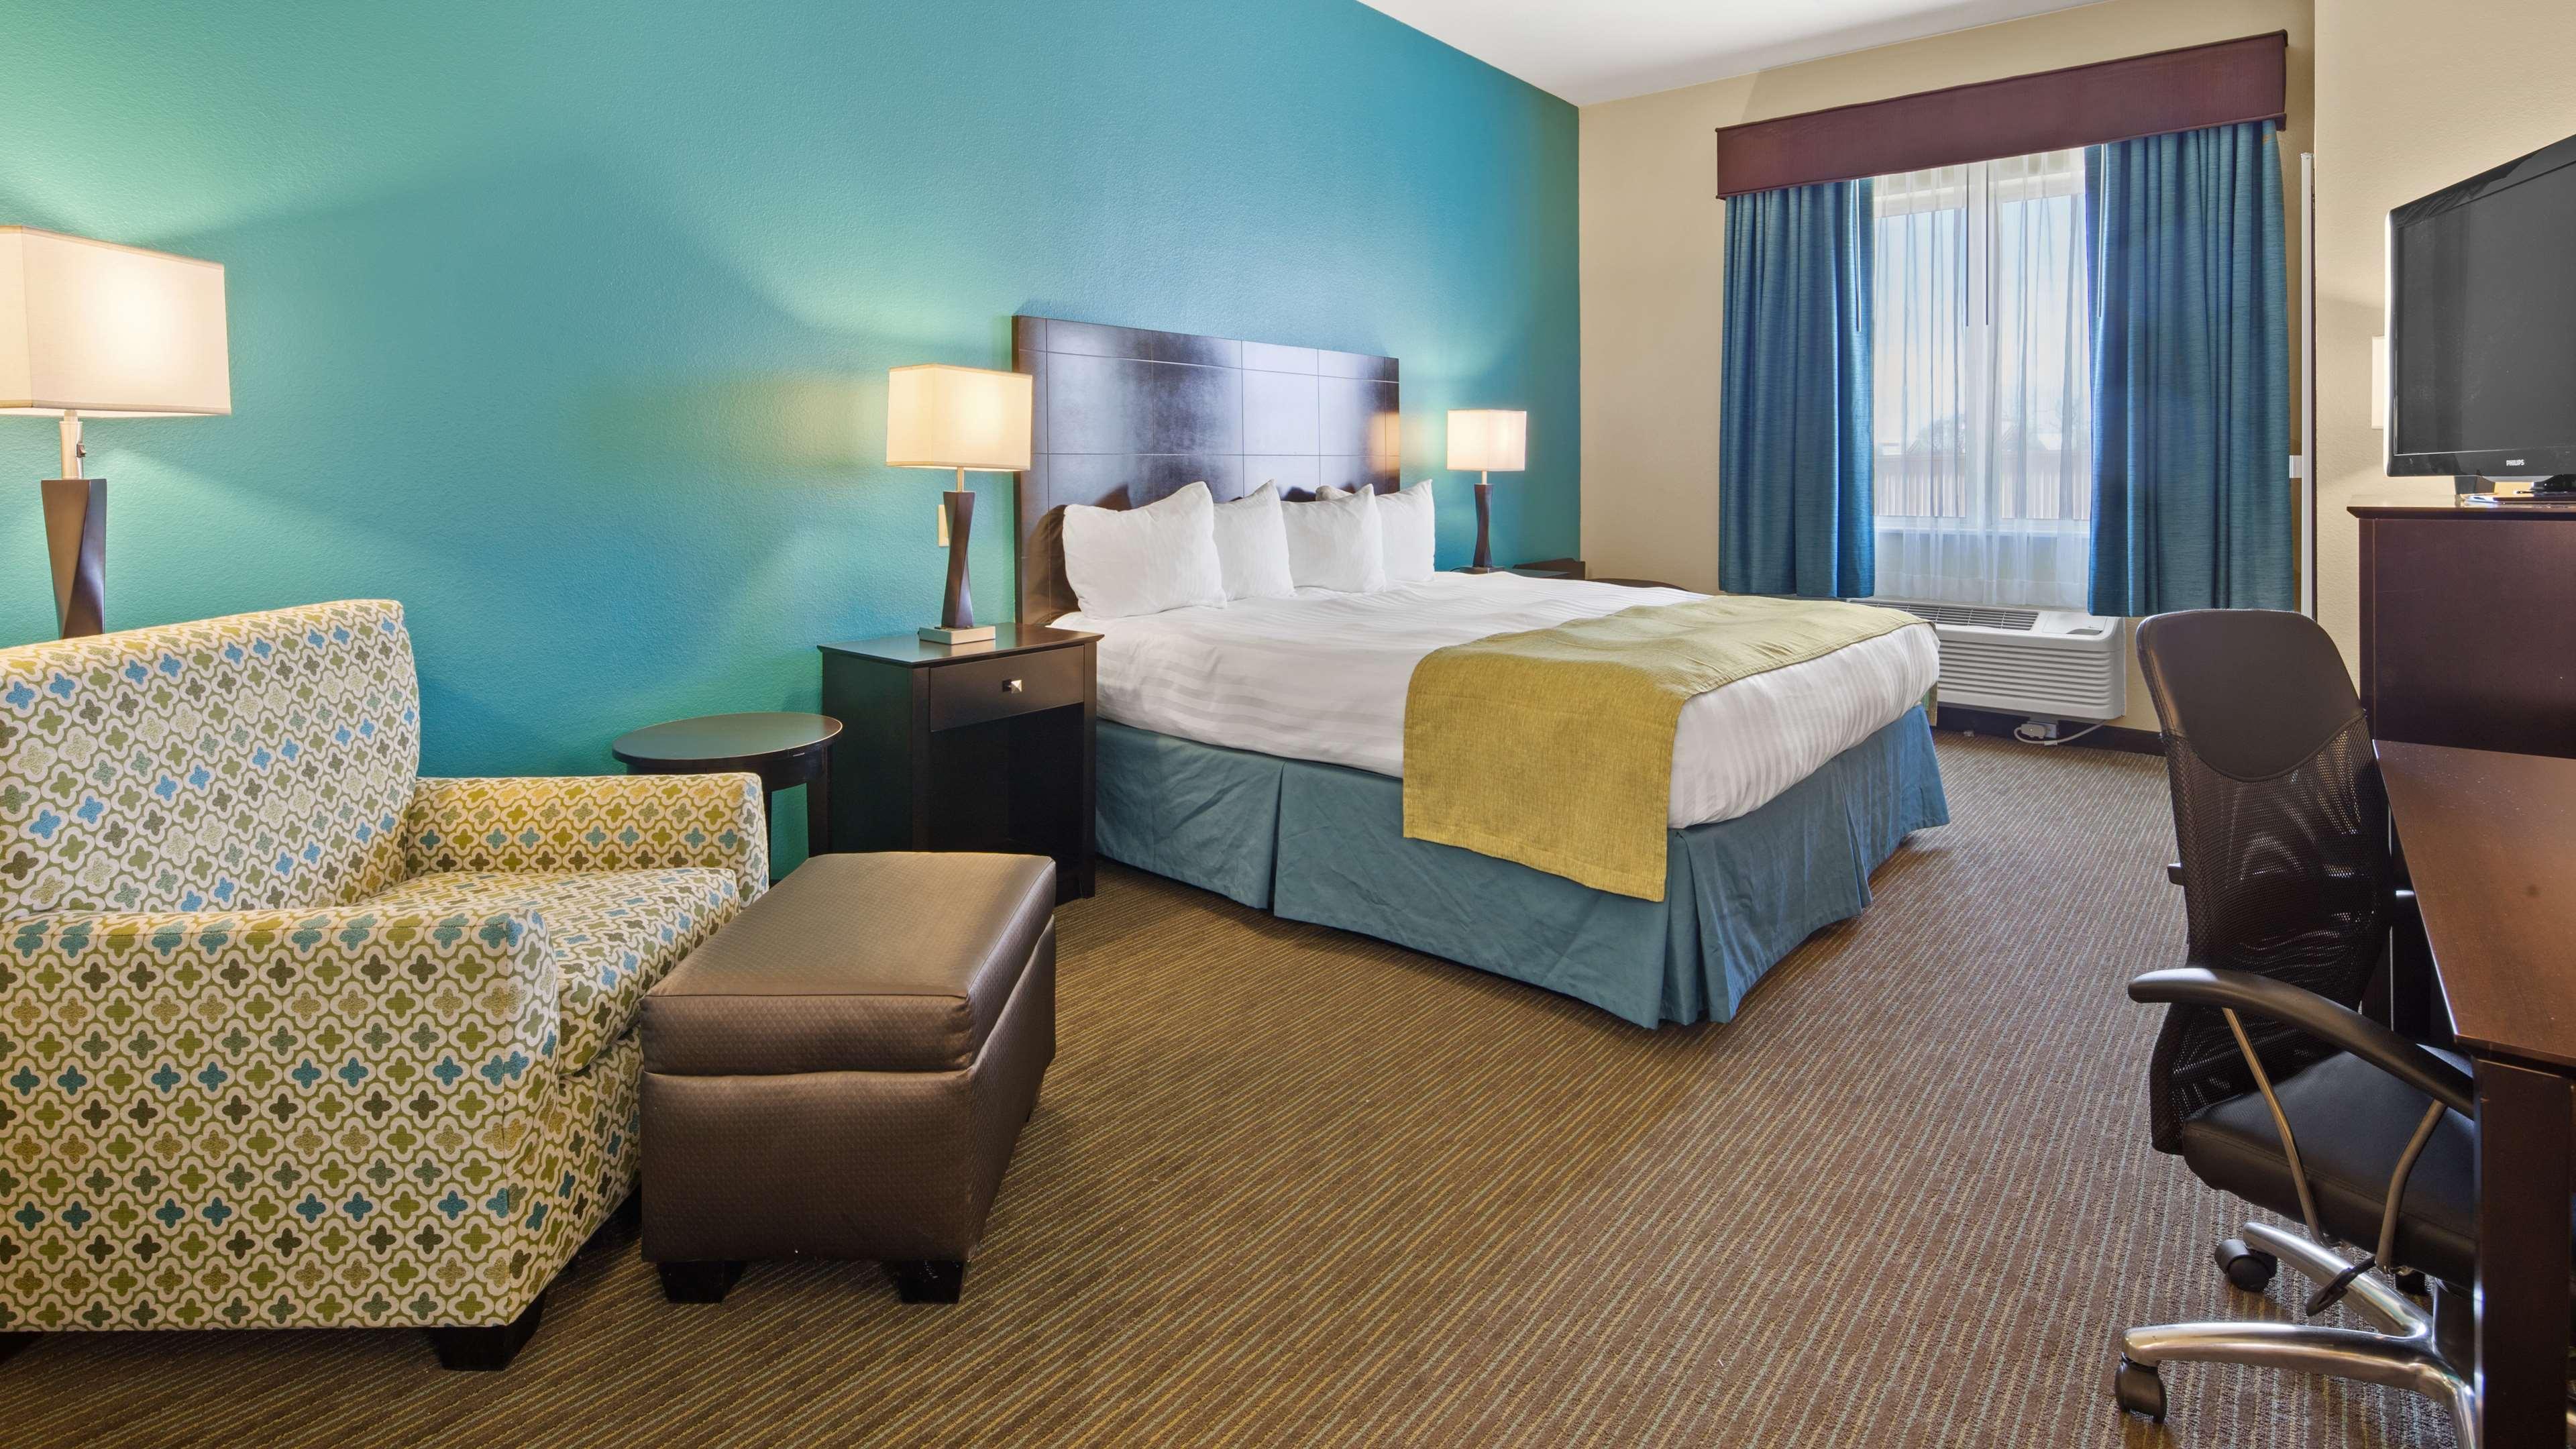 Best Western Lindsay Inn & Suites image 13